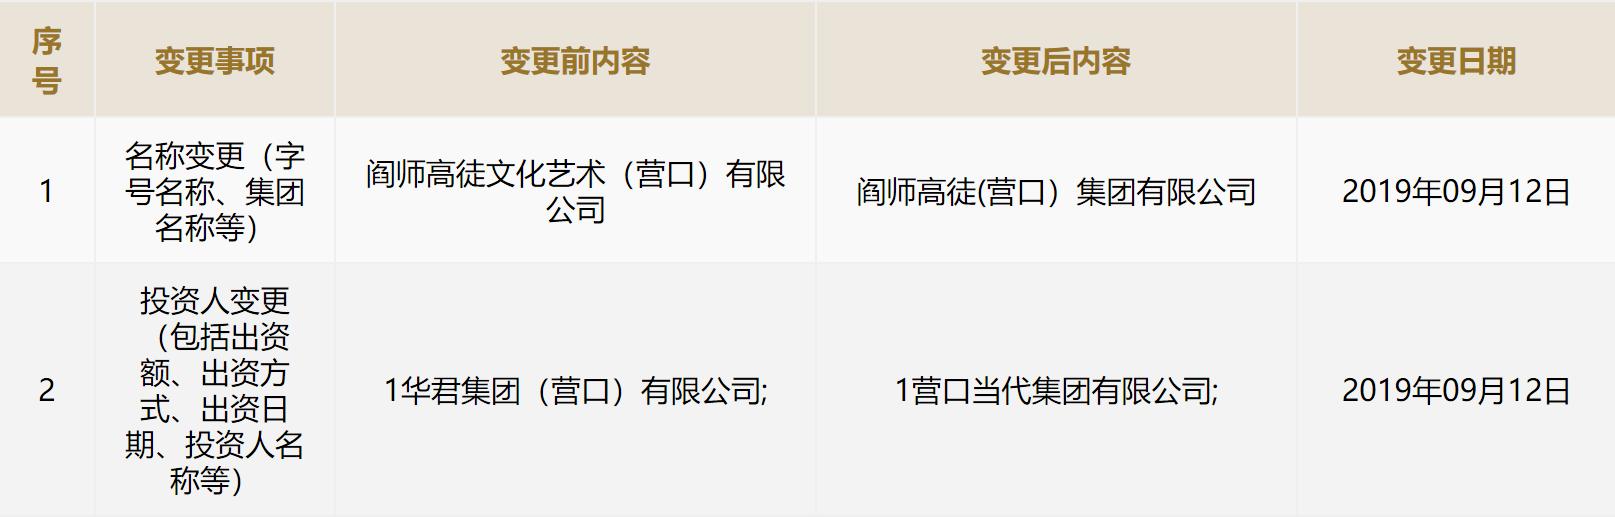 上海整治坐地起价等打车乱象 为期2个月